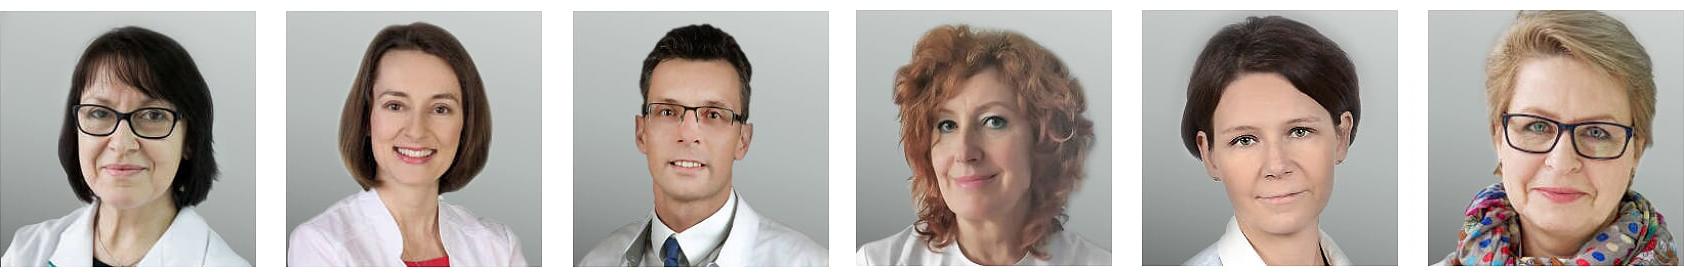 Lekarze Febumed - dermatolog wenerolog Warszawa